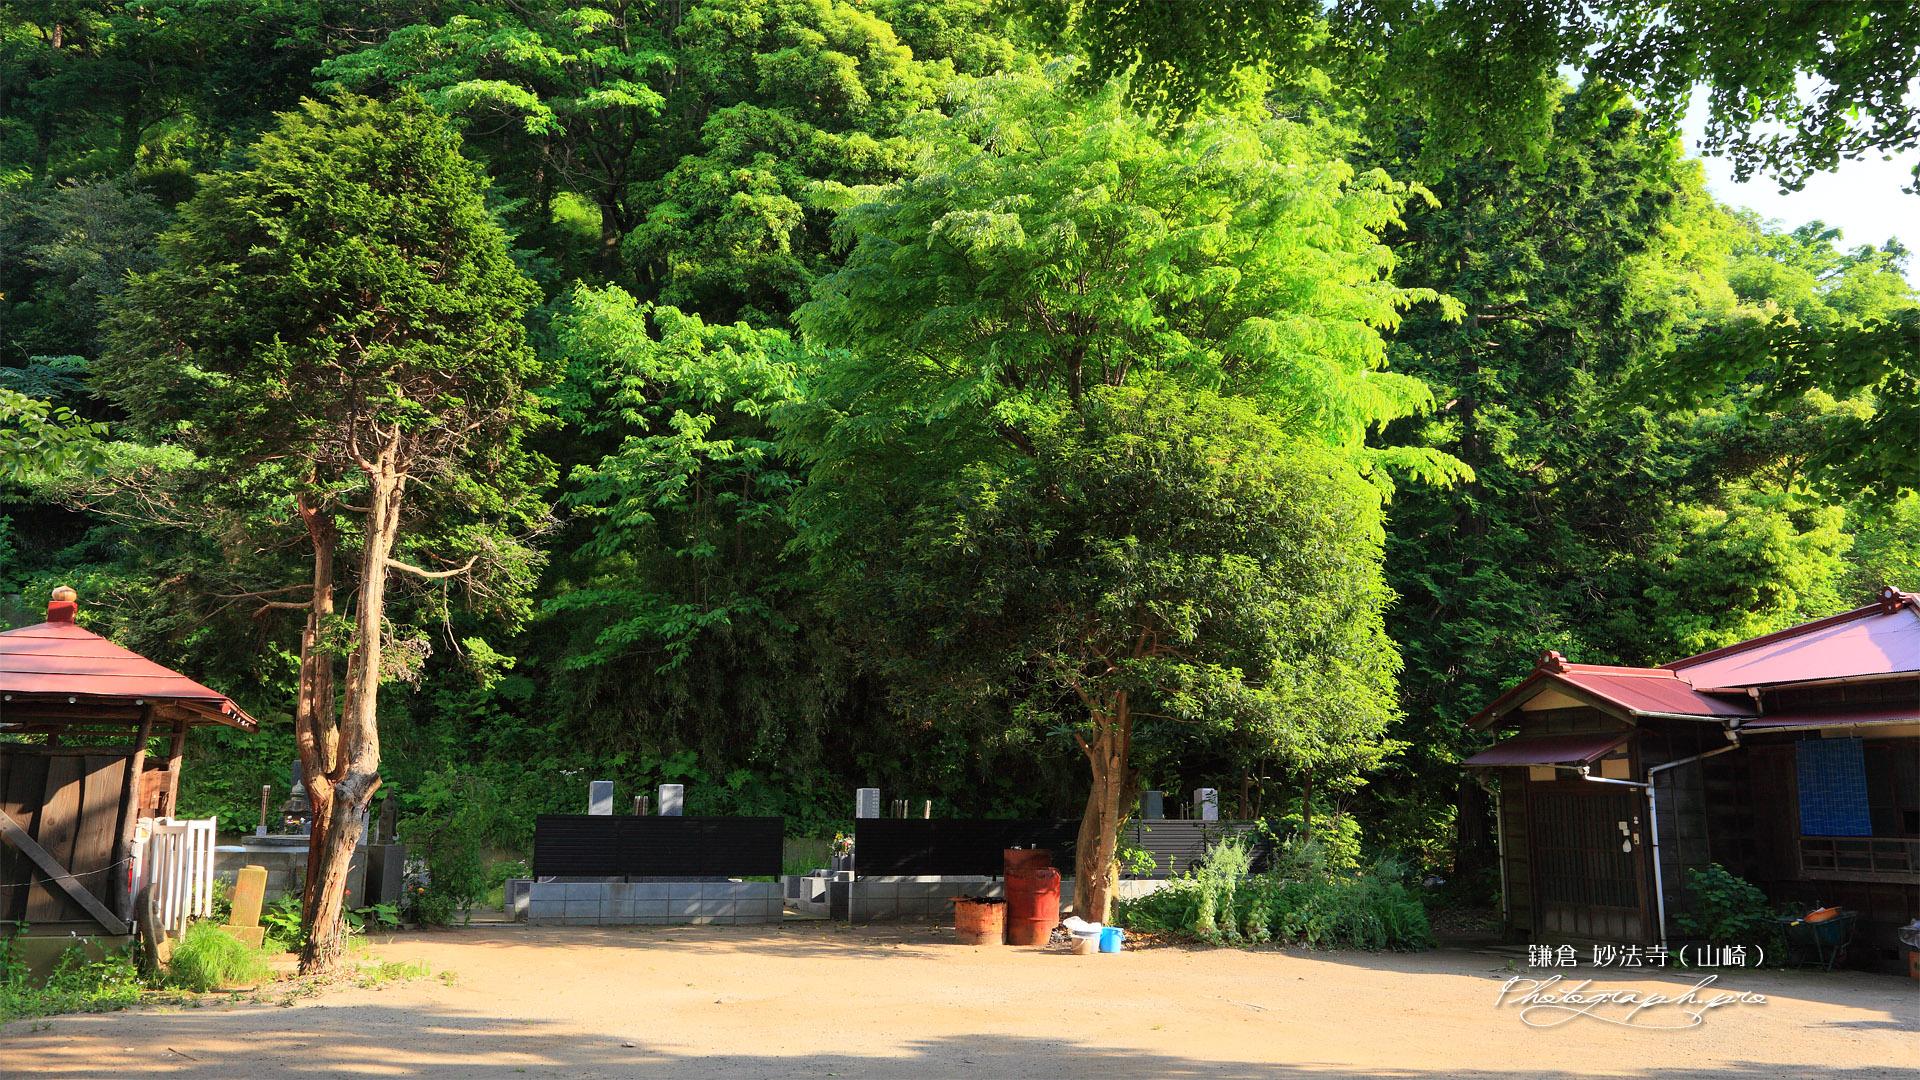 鎌倉妙法寺(山崎)の新緑